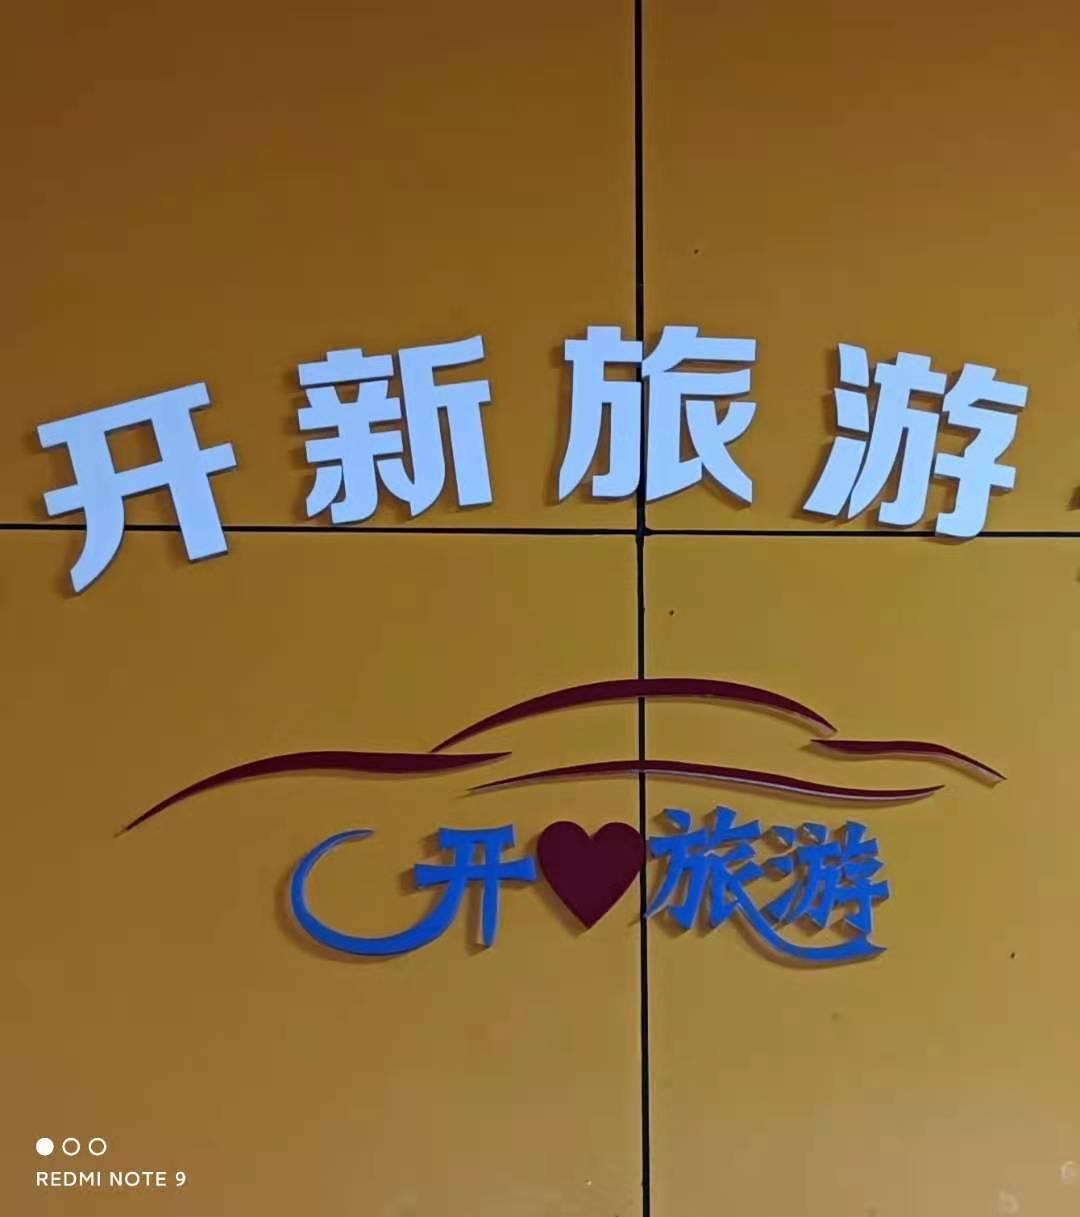 深圳市開新旅游有限公司